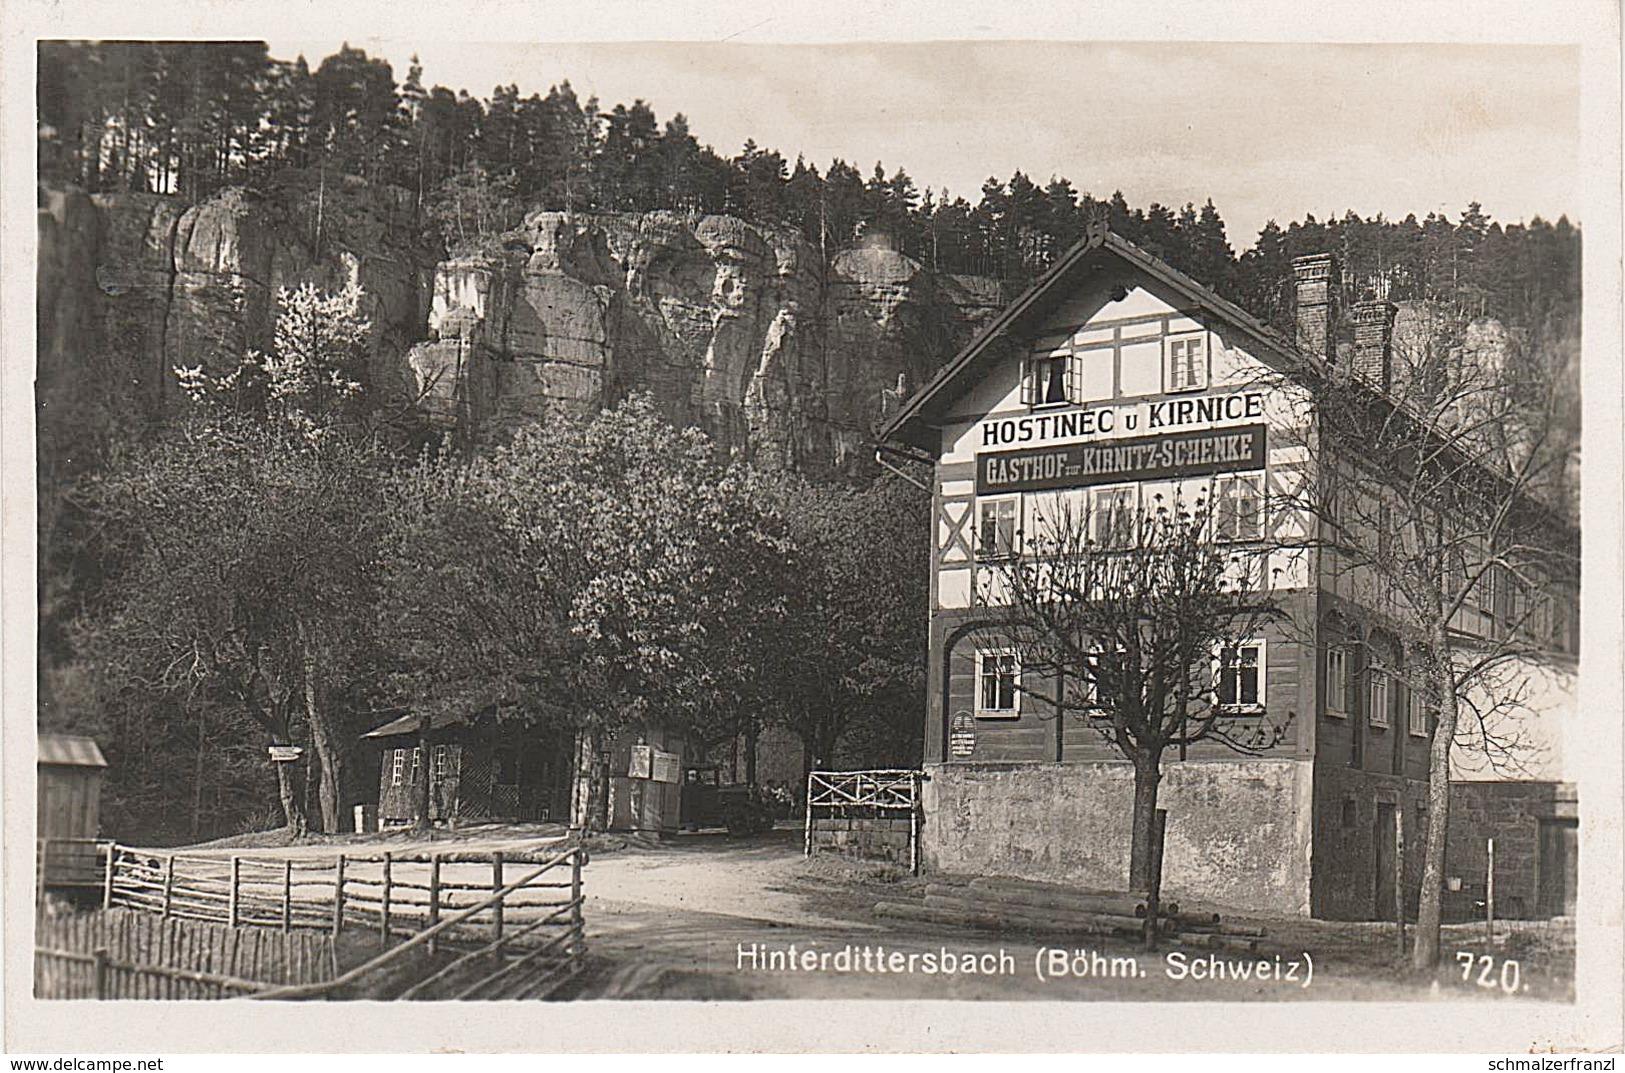 AK Kirnitzschenke Kirnitzschänke Kirnitzschschänke Gasthof Hinterdittersbach Hinterdaubitz Hinterhermsdorf Khaa Daubitz - Sudeten